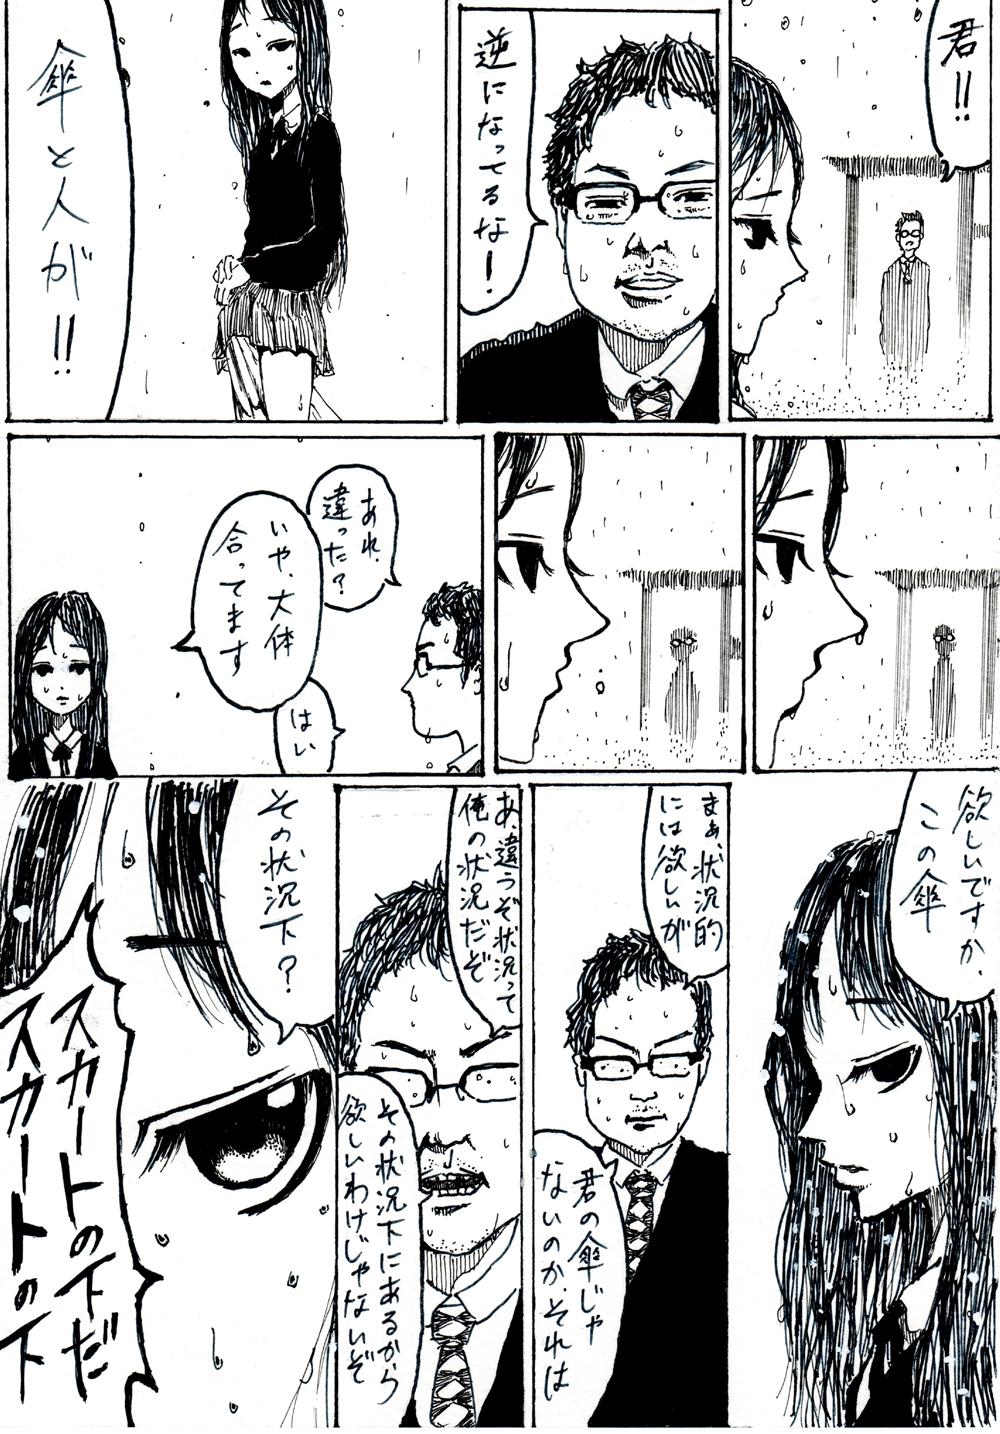 shinoda-004-2